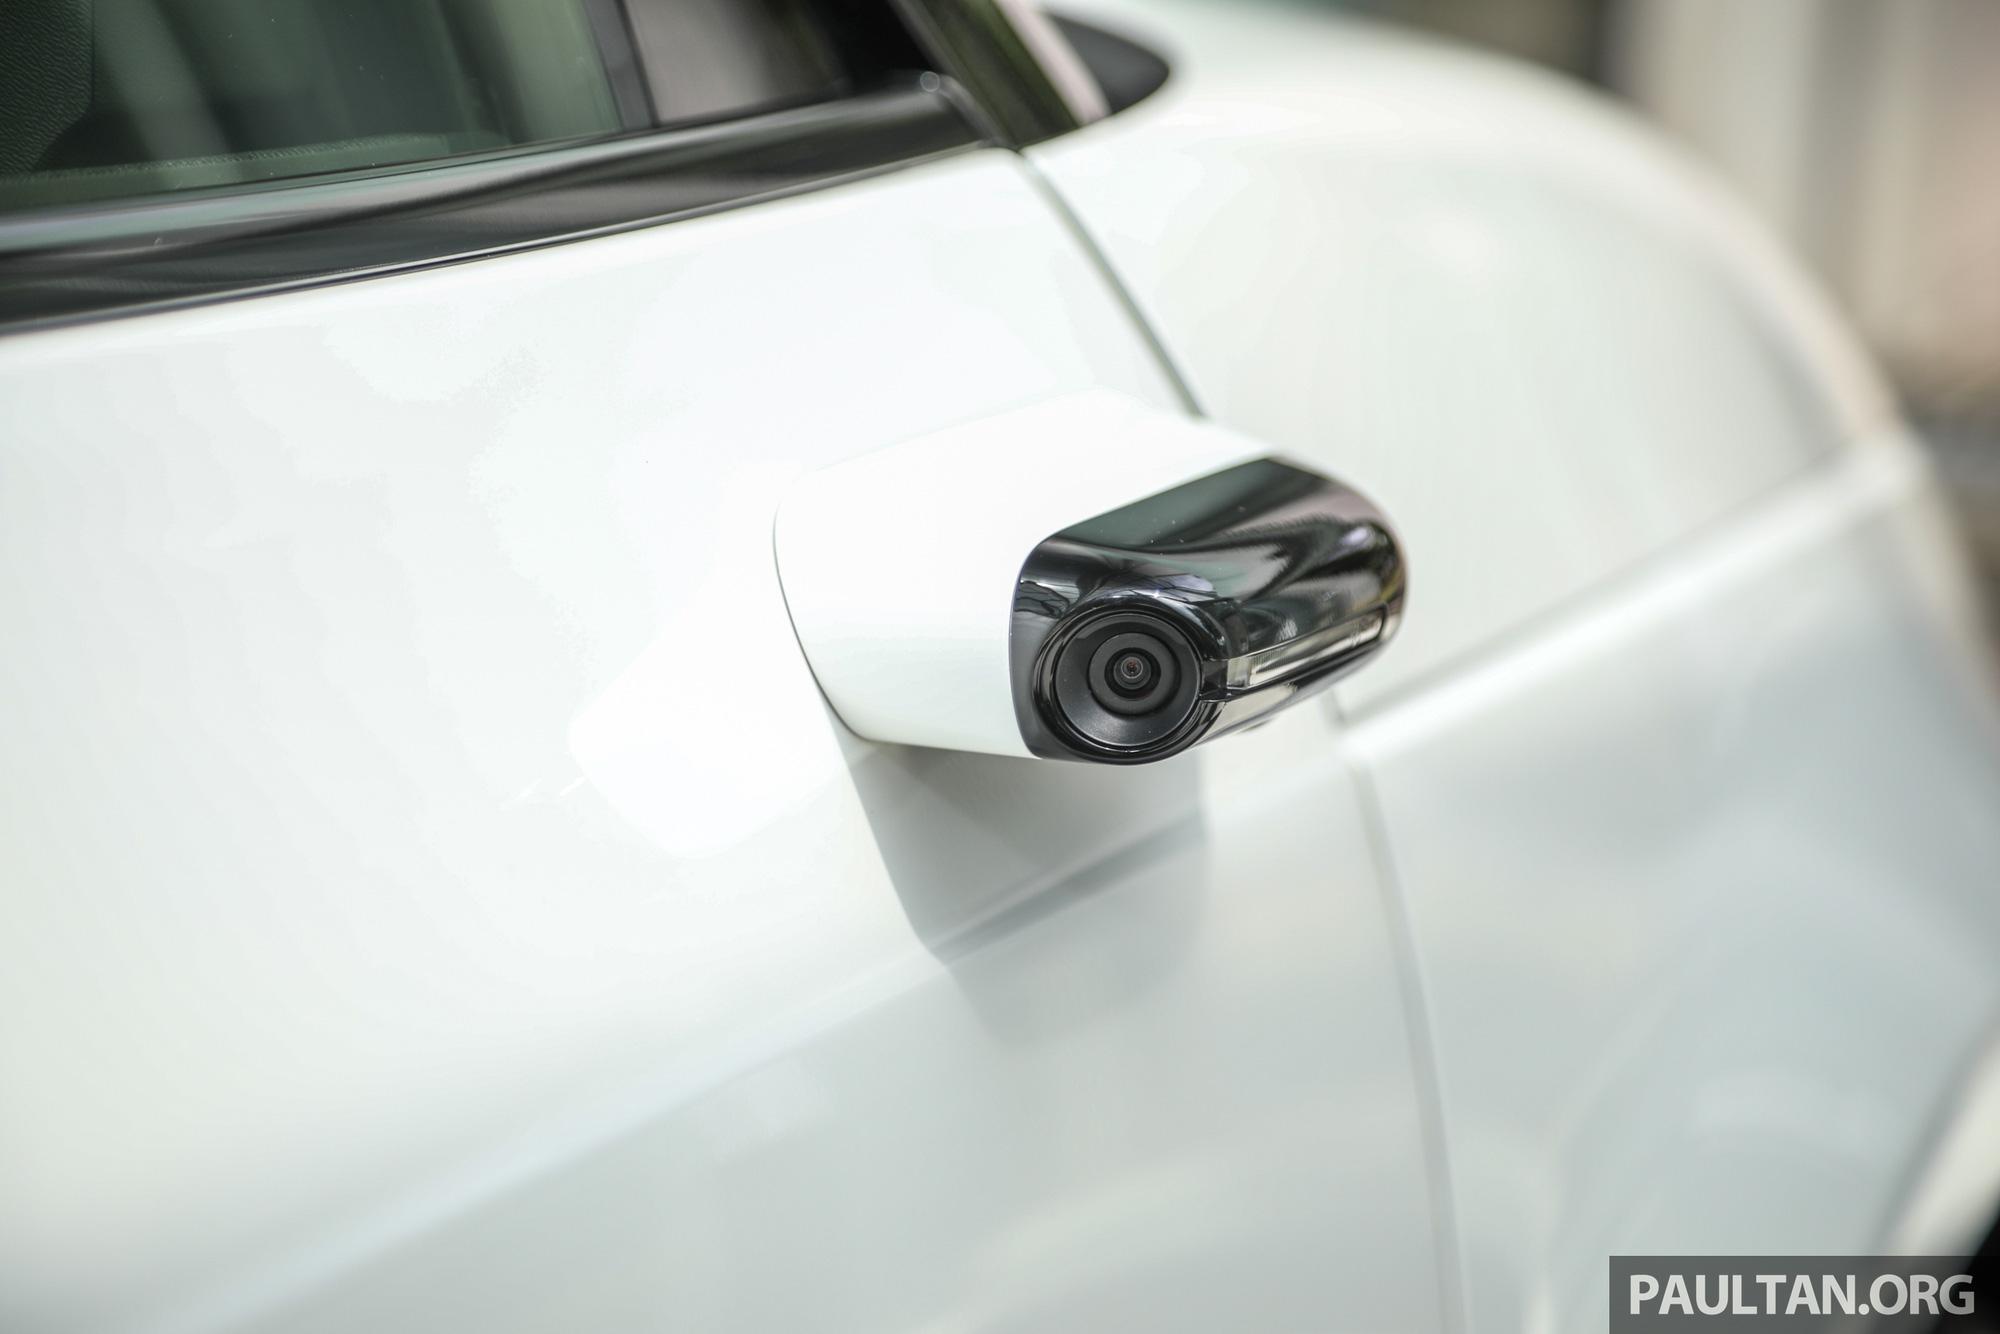 Ô tô điện Honda phủ công nghệ hiện đại, giá gây sửng sốt khi so với hàng hot VF e34 - Ảnh 5.